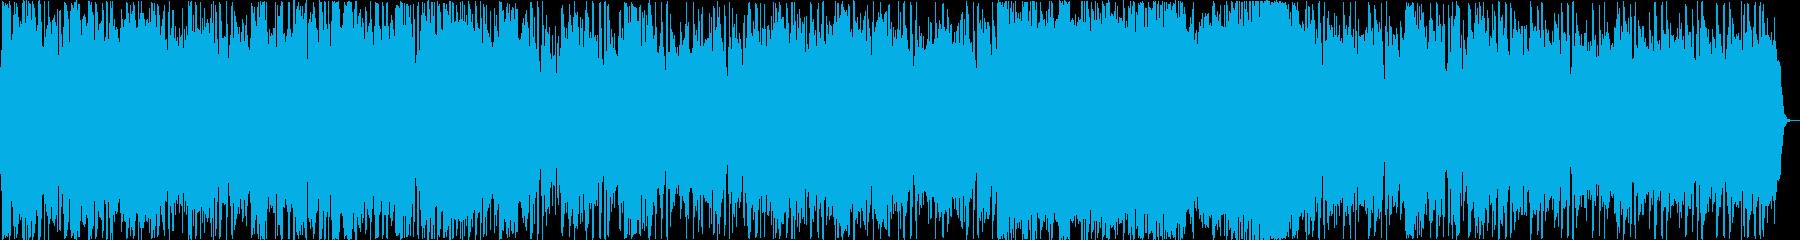 ああ、これはアグレッシブ、ブル・シ...の再生済みの波形